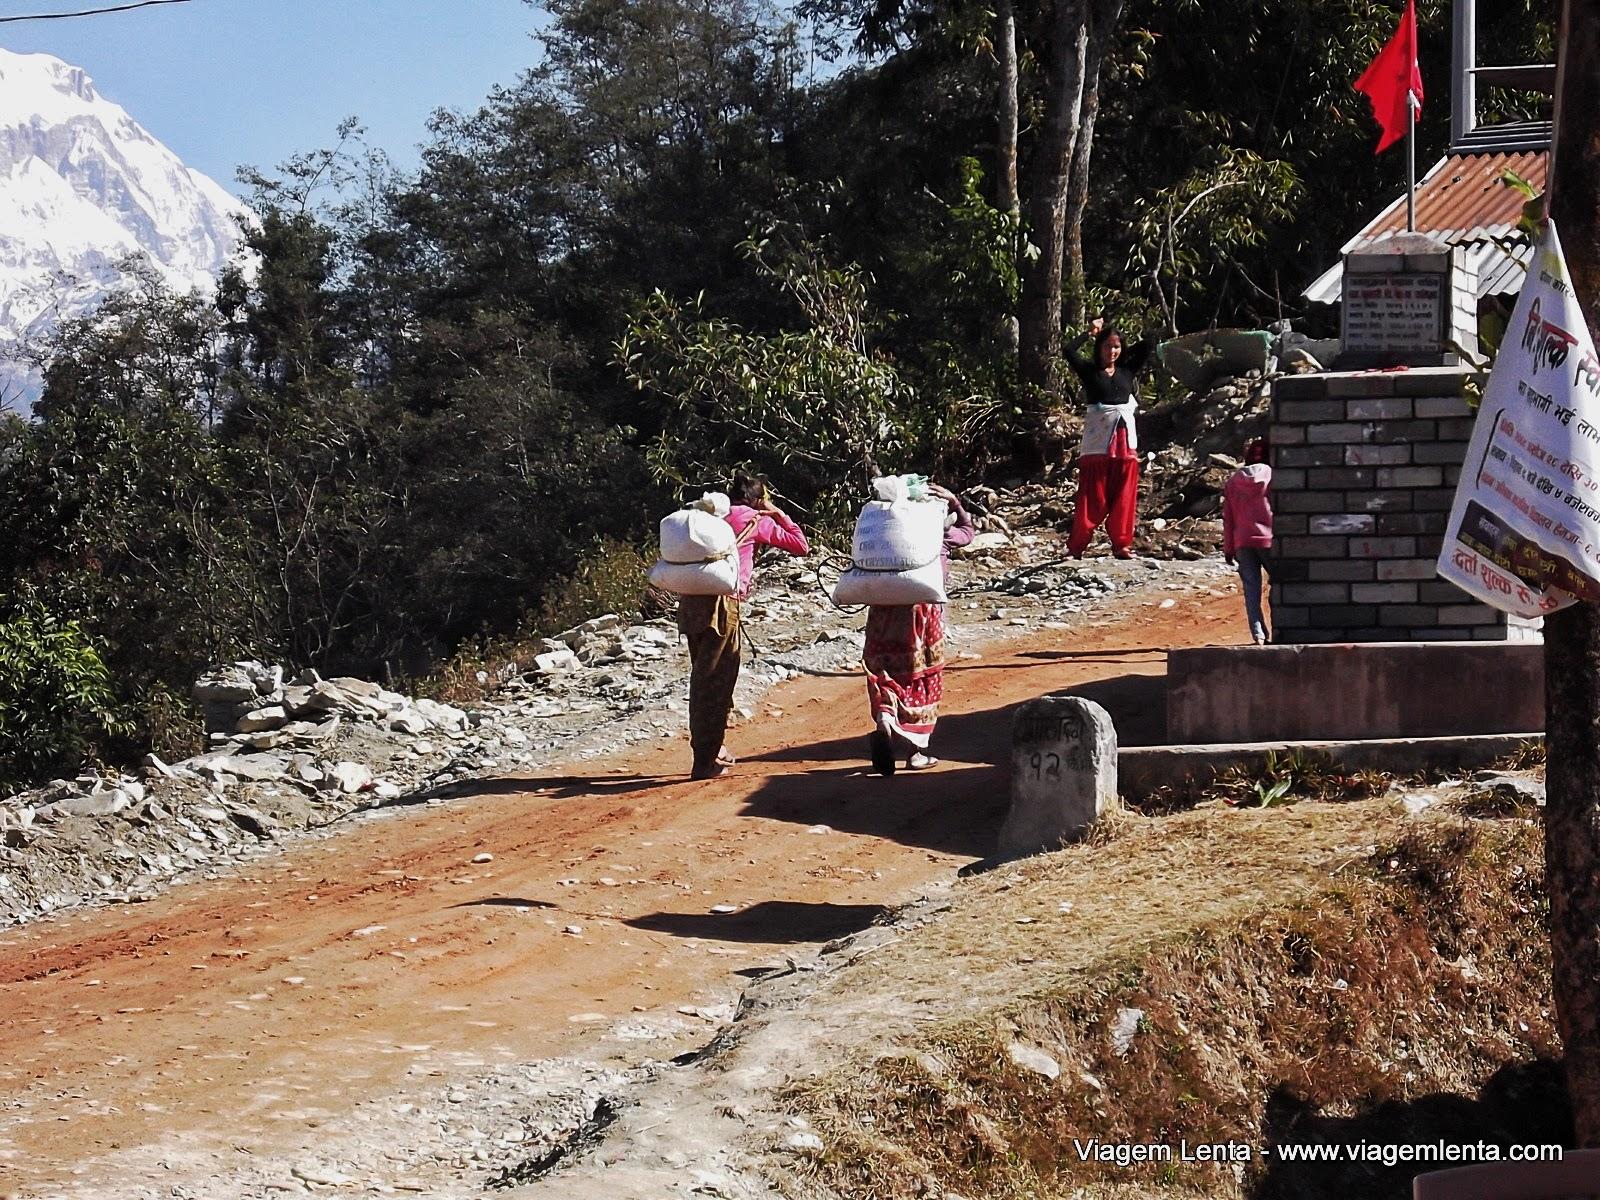 Relato da viagem à Pokhara, seu lindo lago Phewa, no interior do Nepal e o trekking, às margens do Monte Annapurna, na cordilheira do Himalaia.